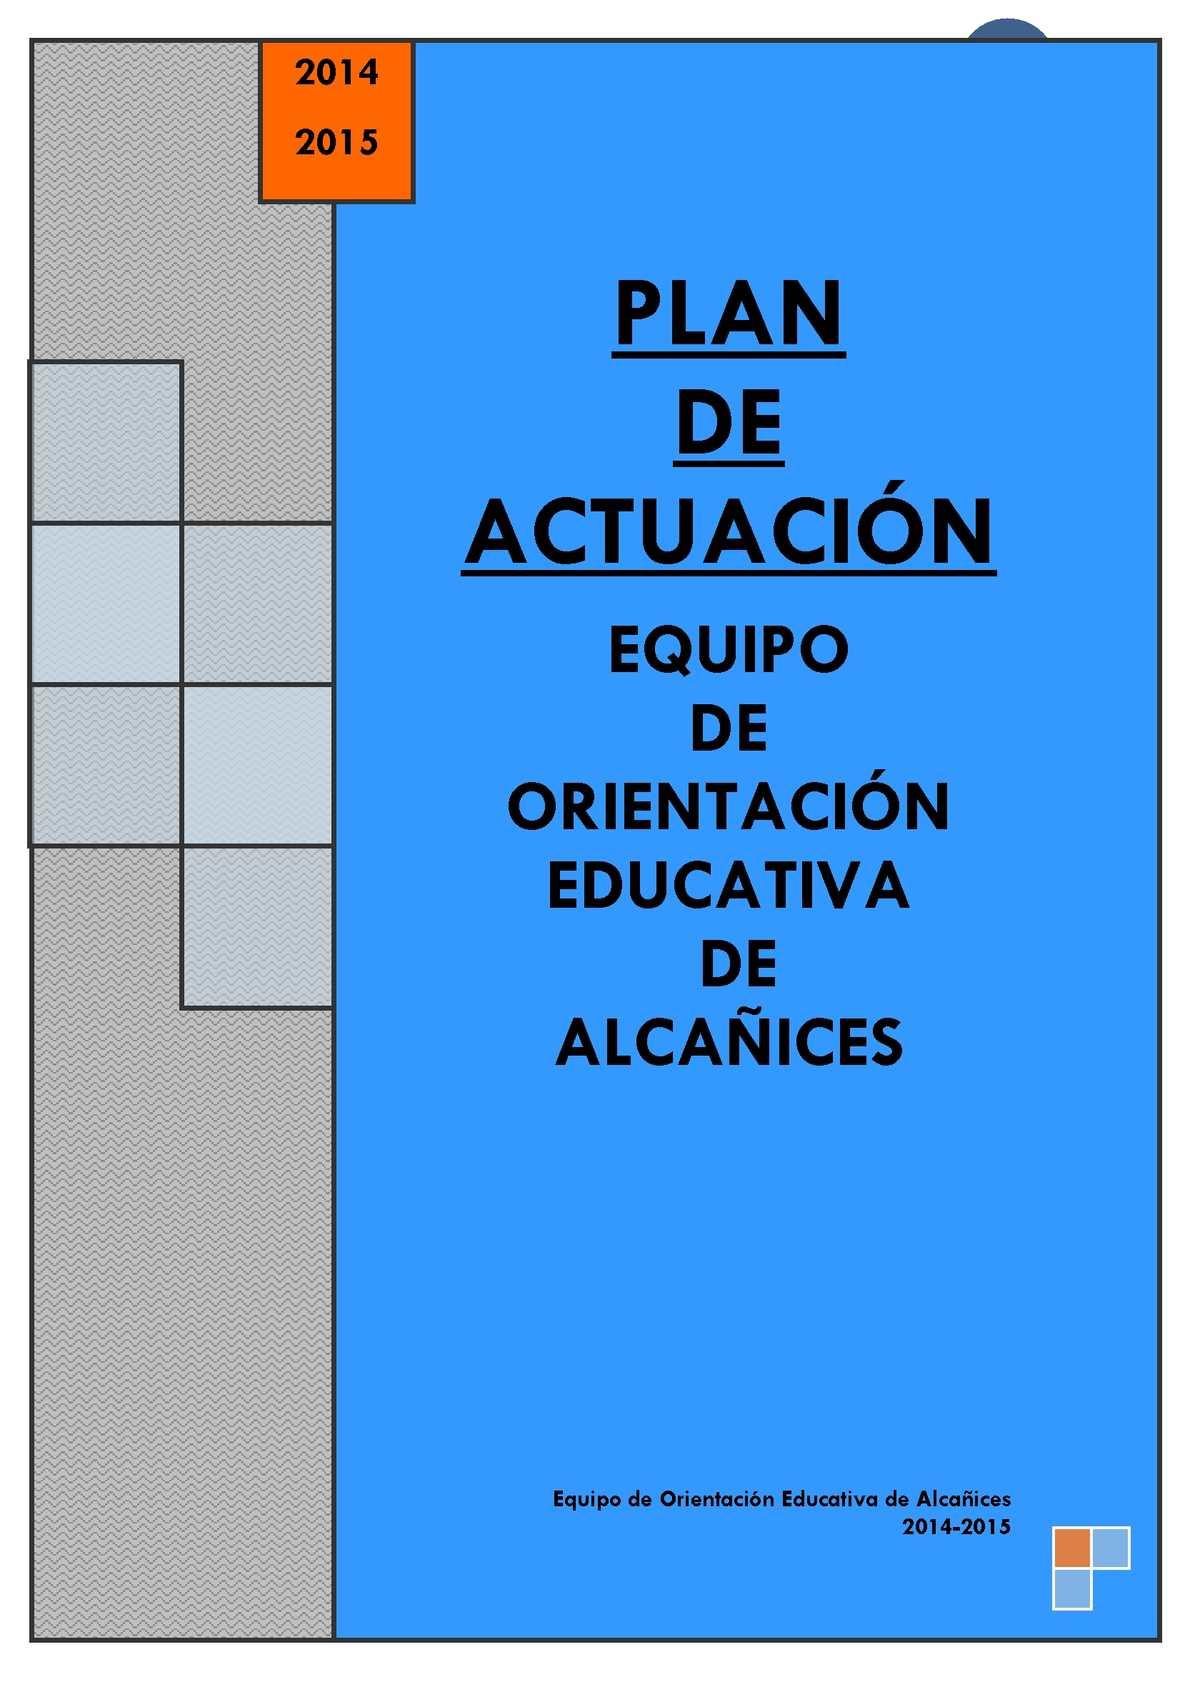 PLAN ACTUACIÓN EOEP 2014-2015